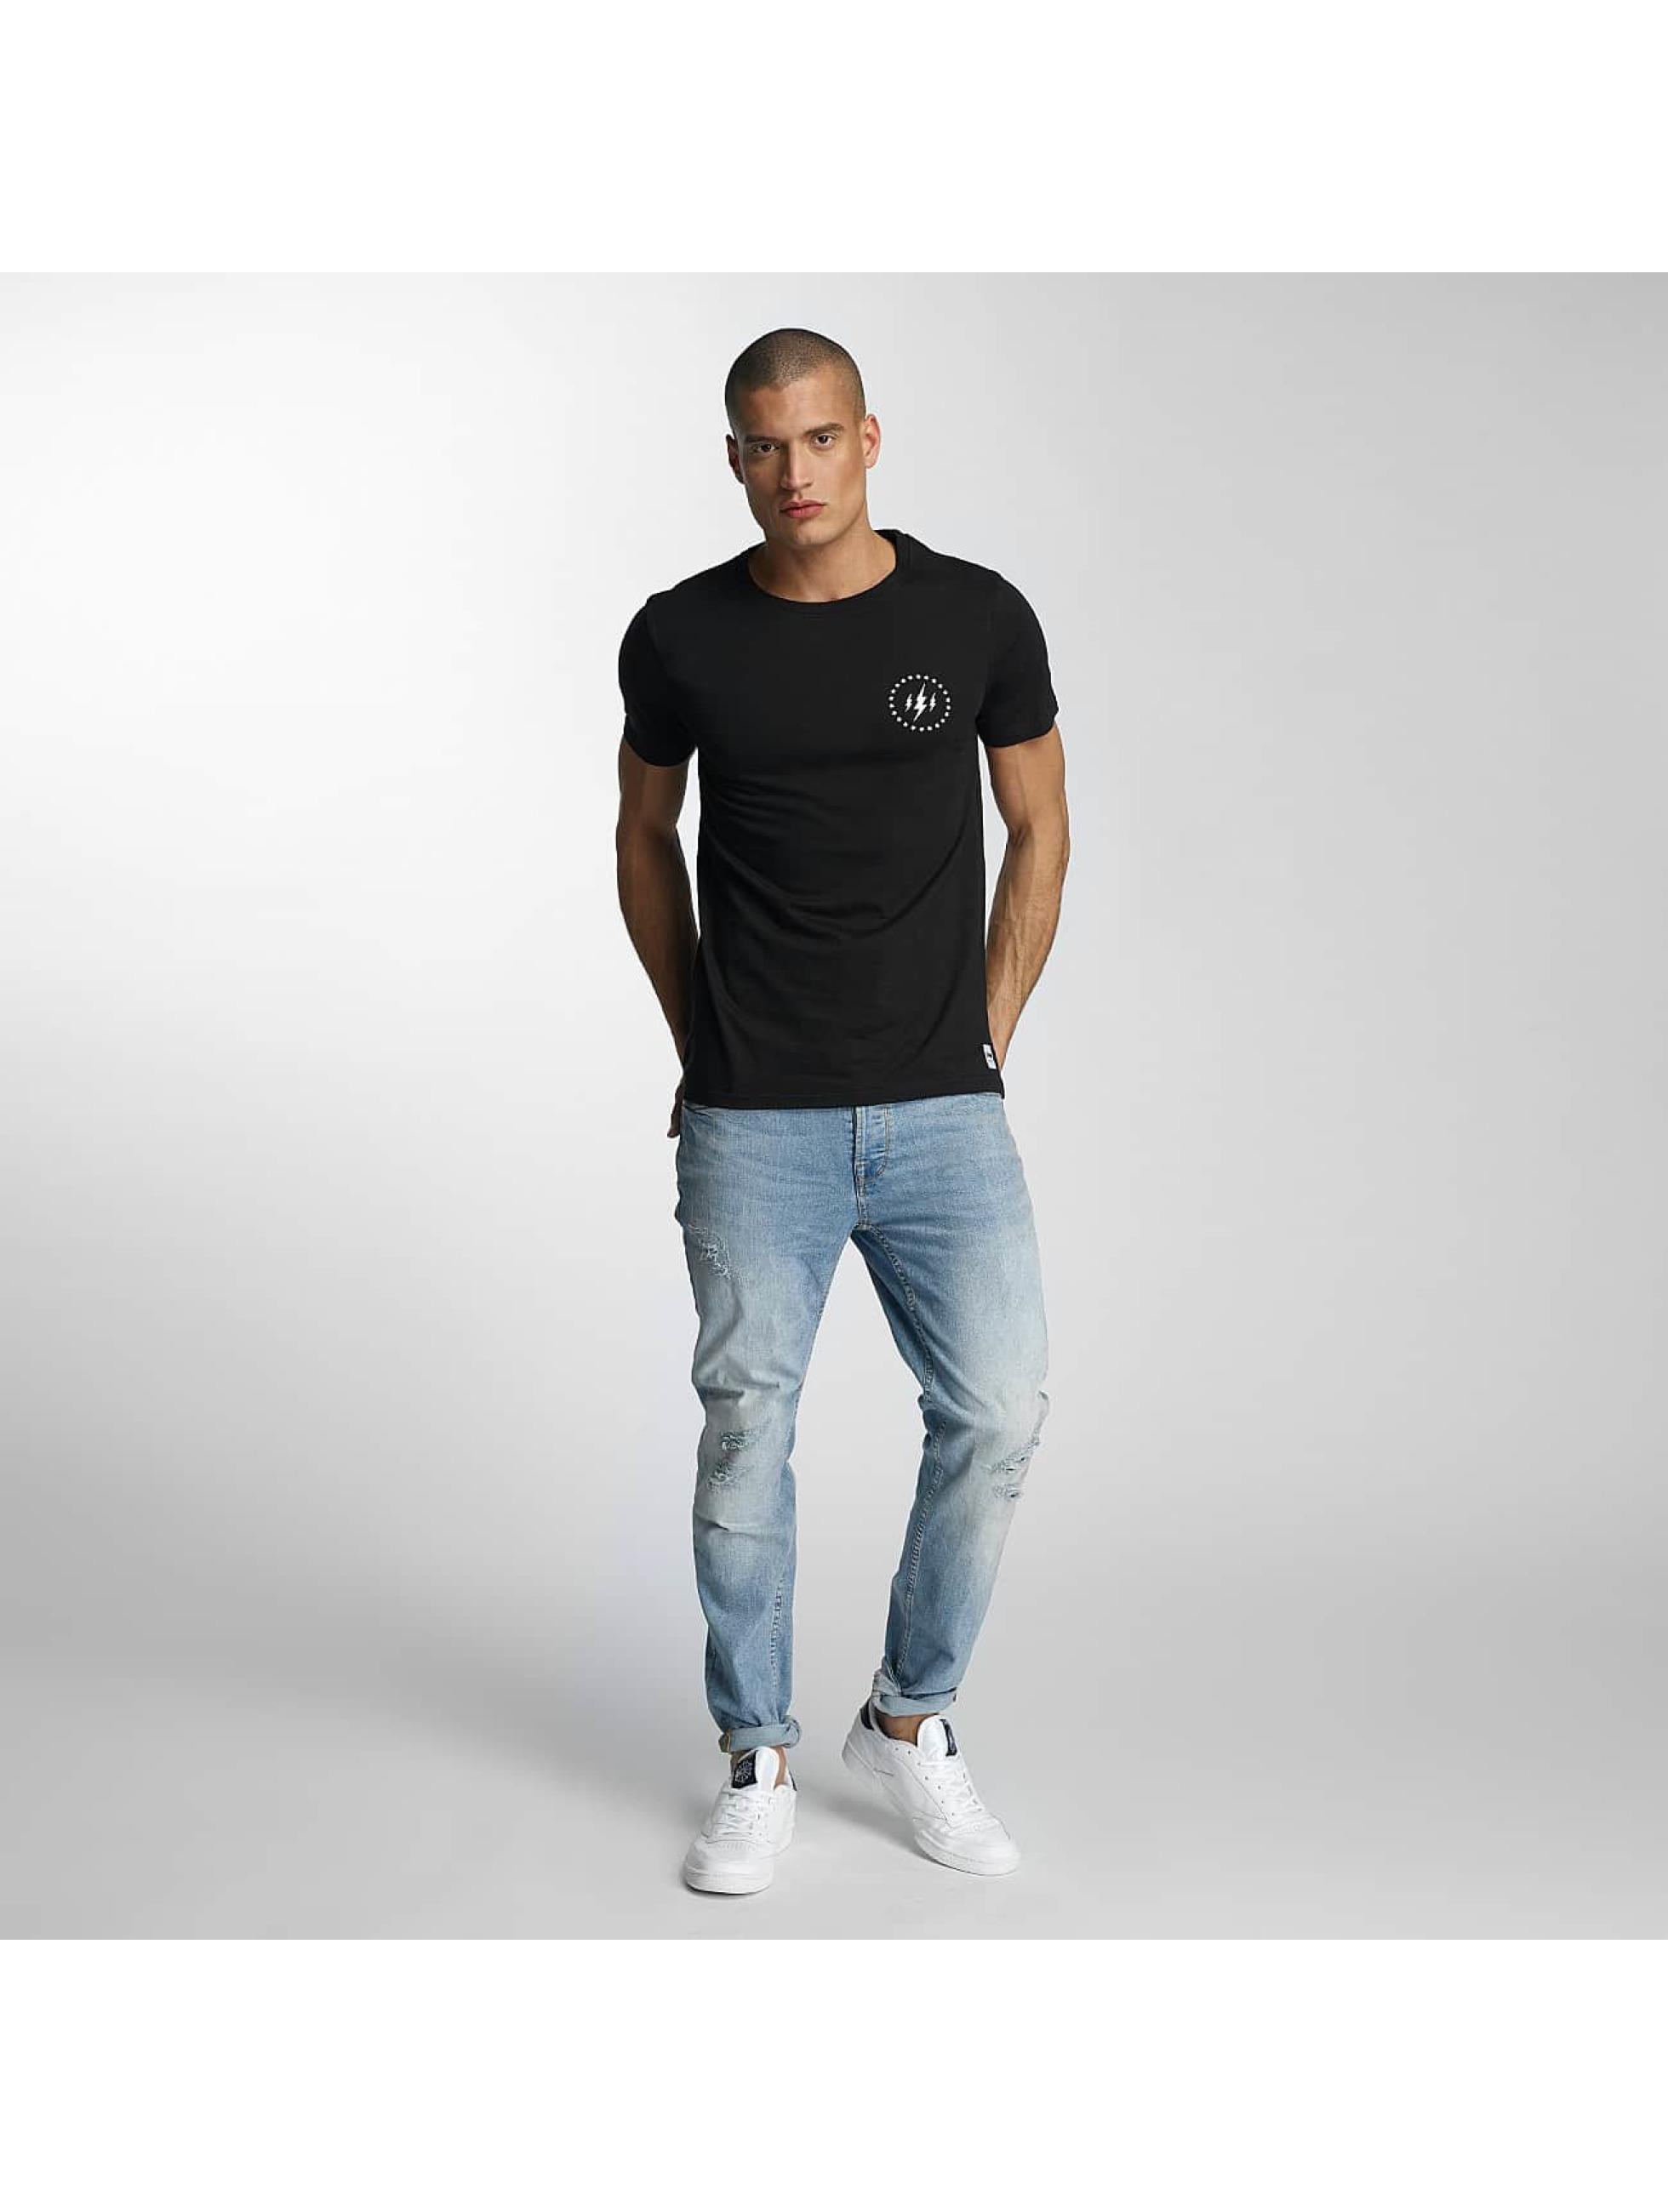 TrueSpin t-shirt 4 zwart